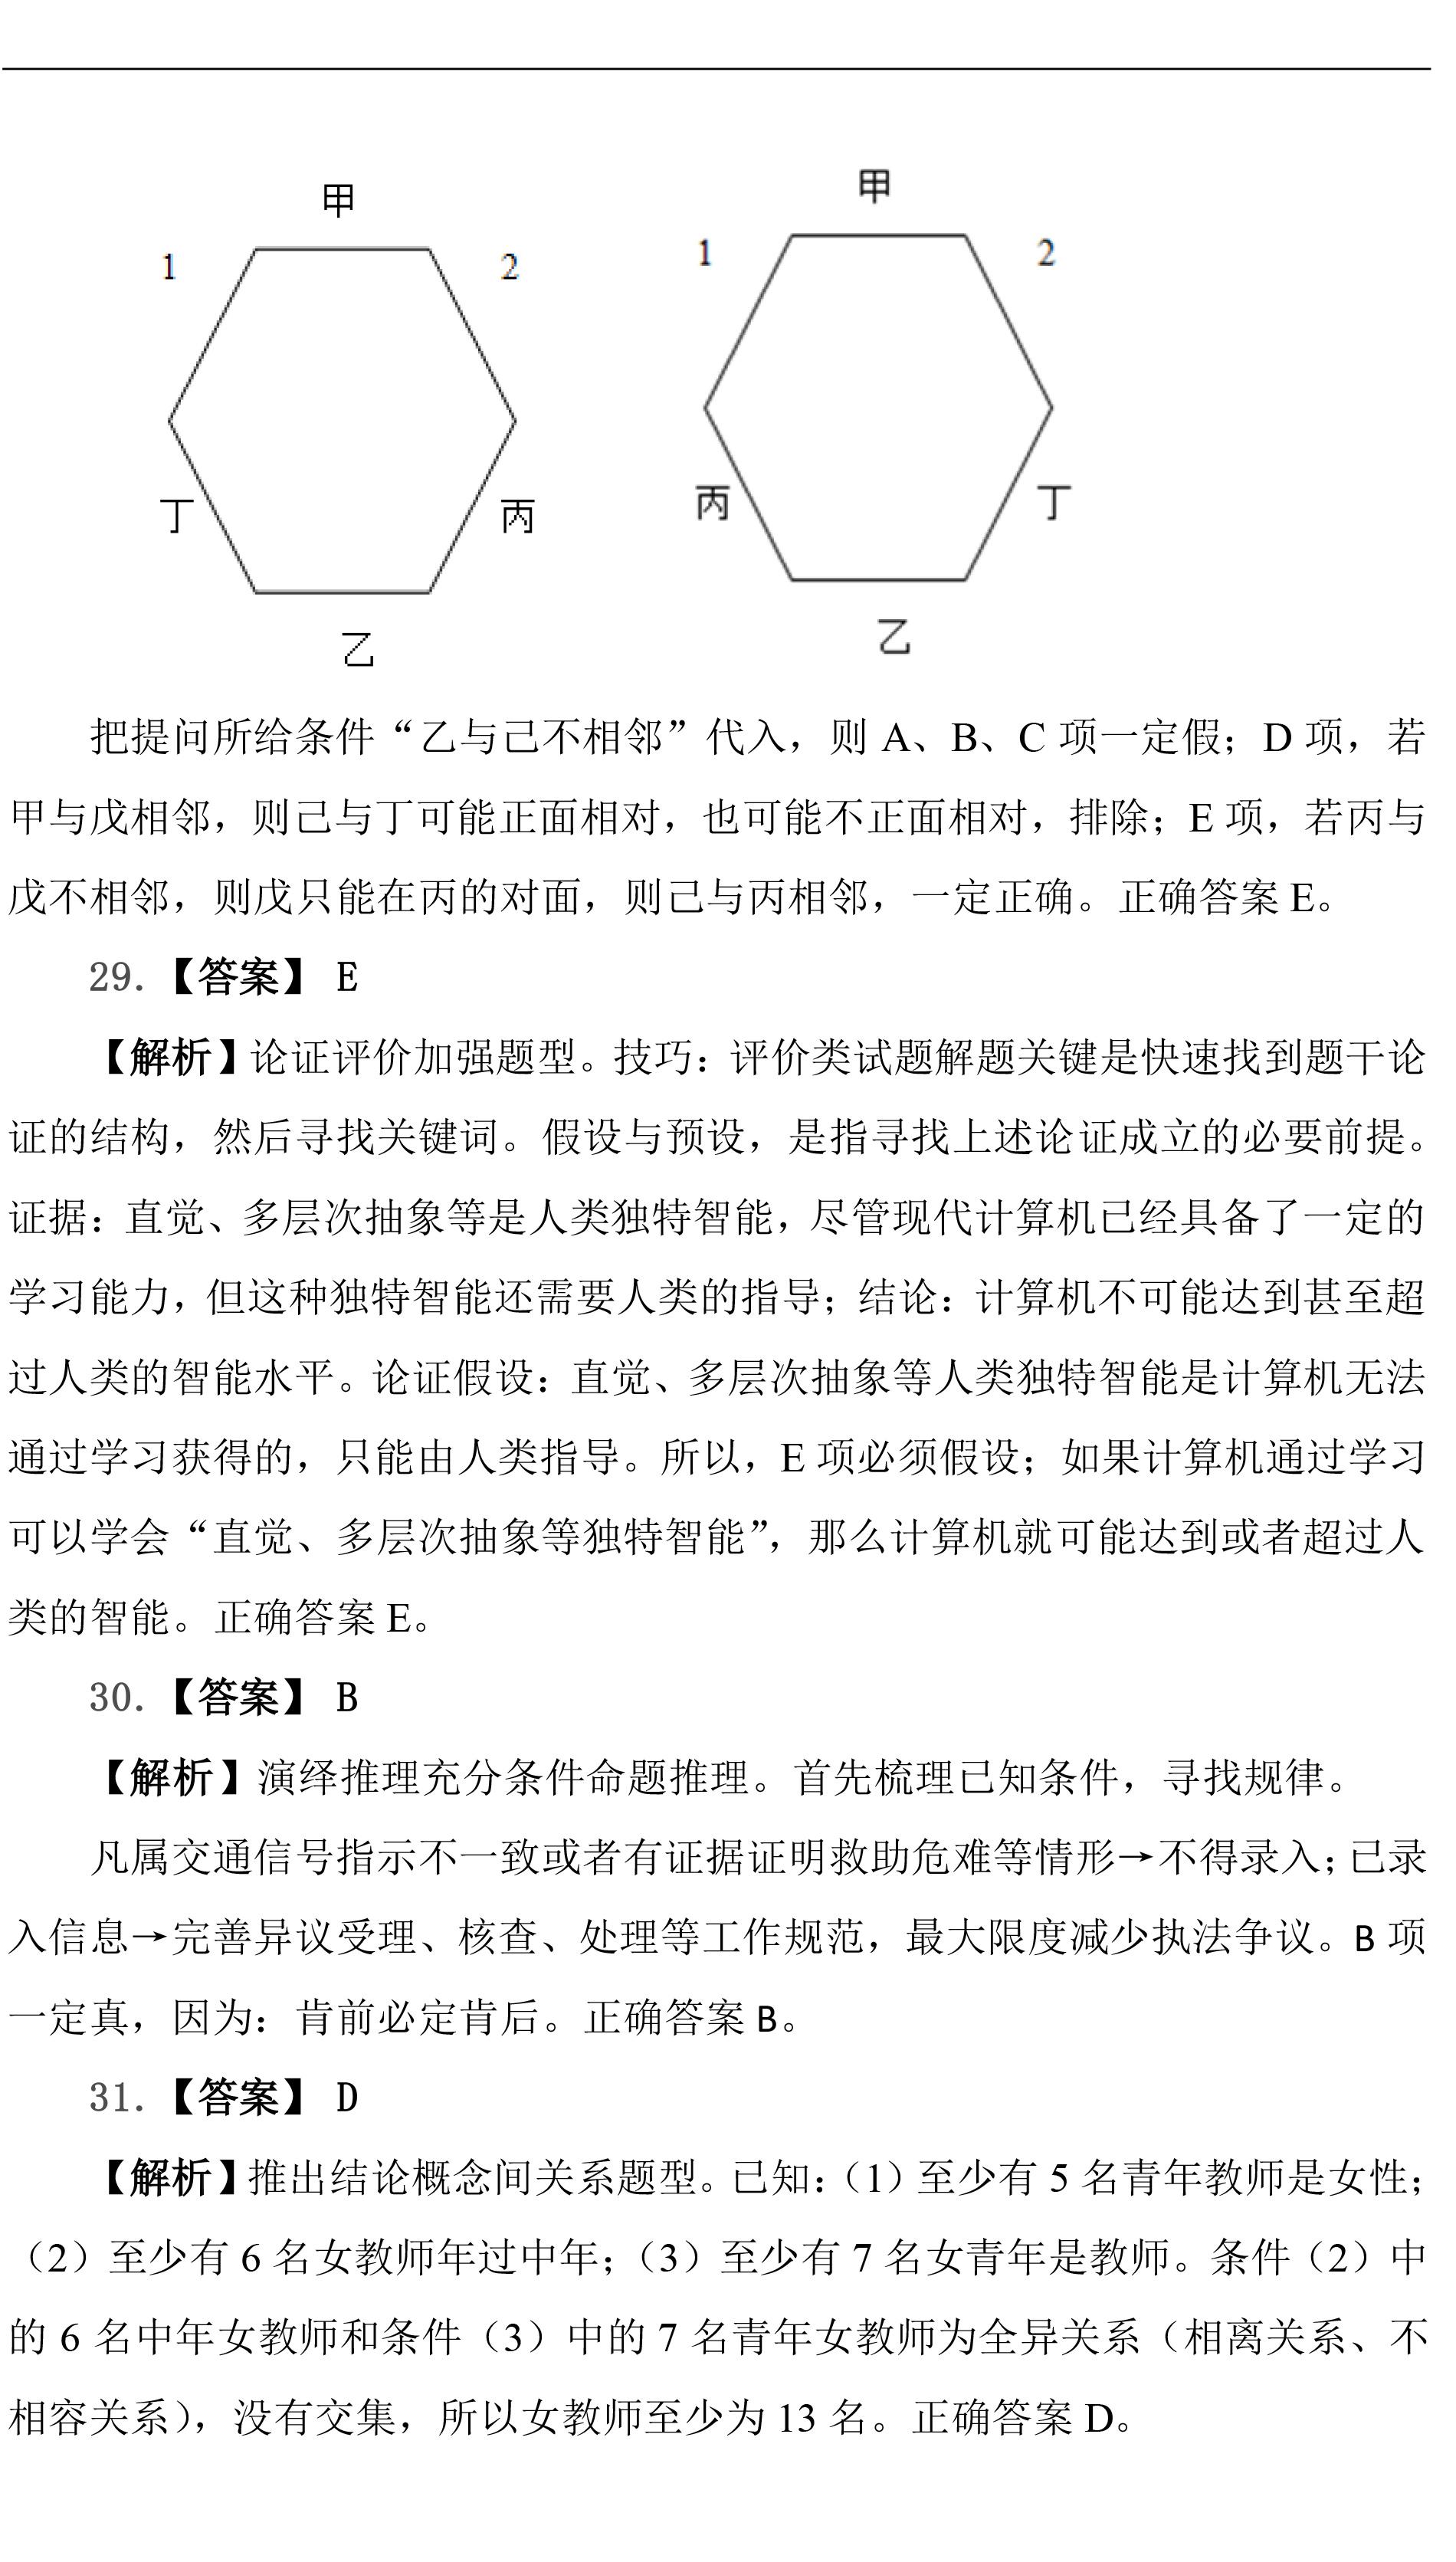 真题试卷集-综合-2014~2018-解析-27.jpg